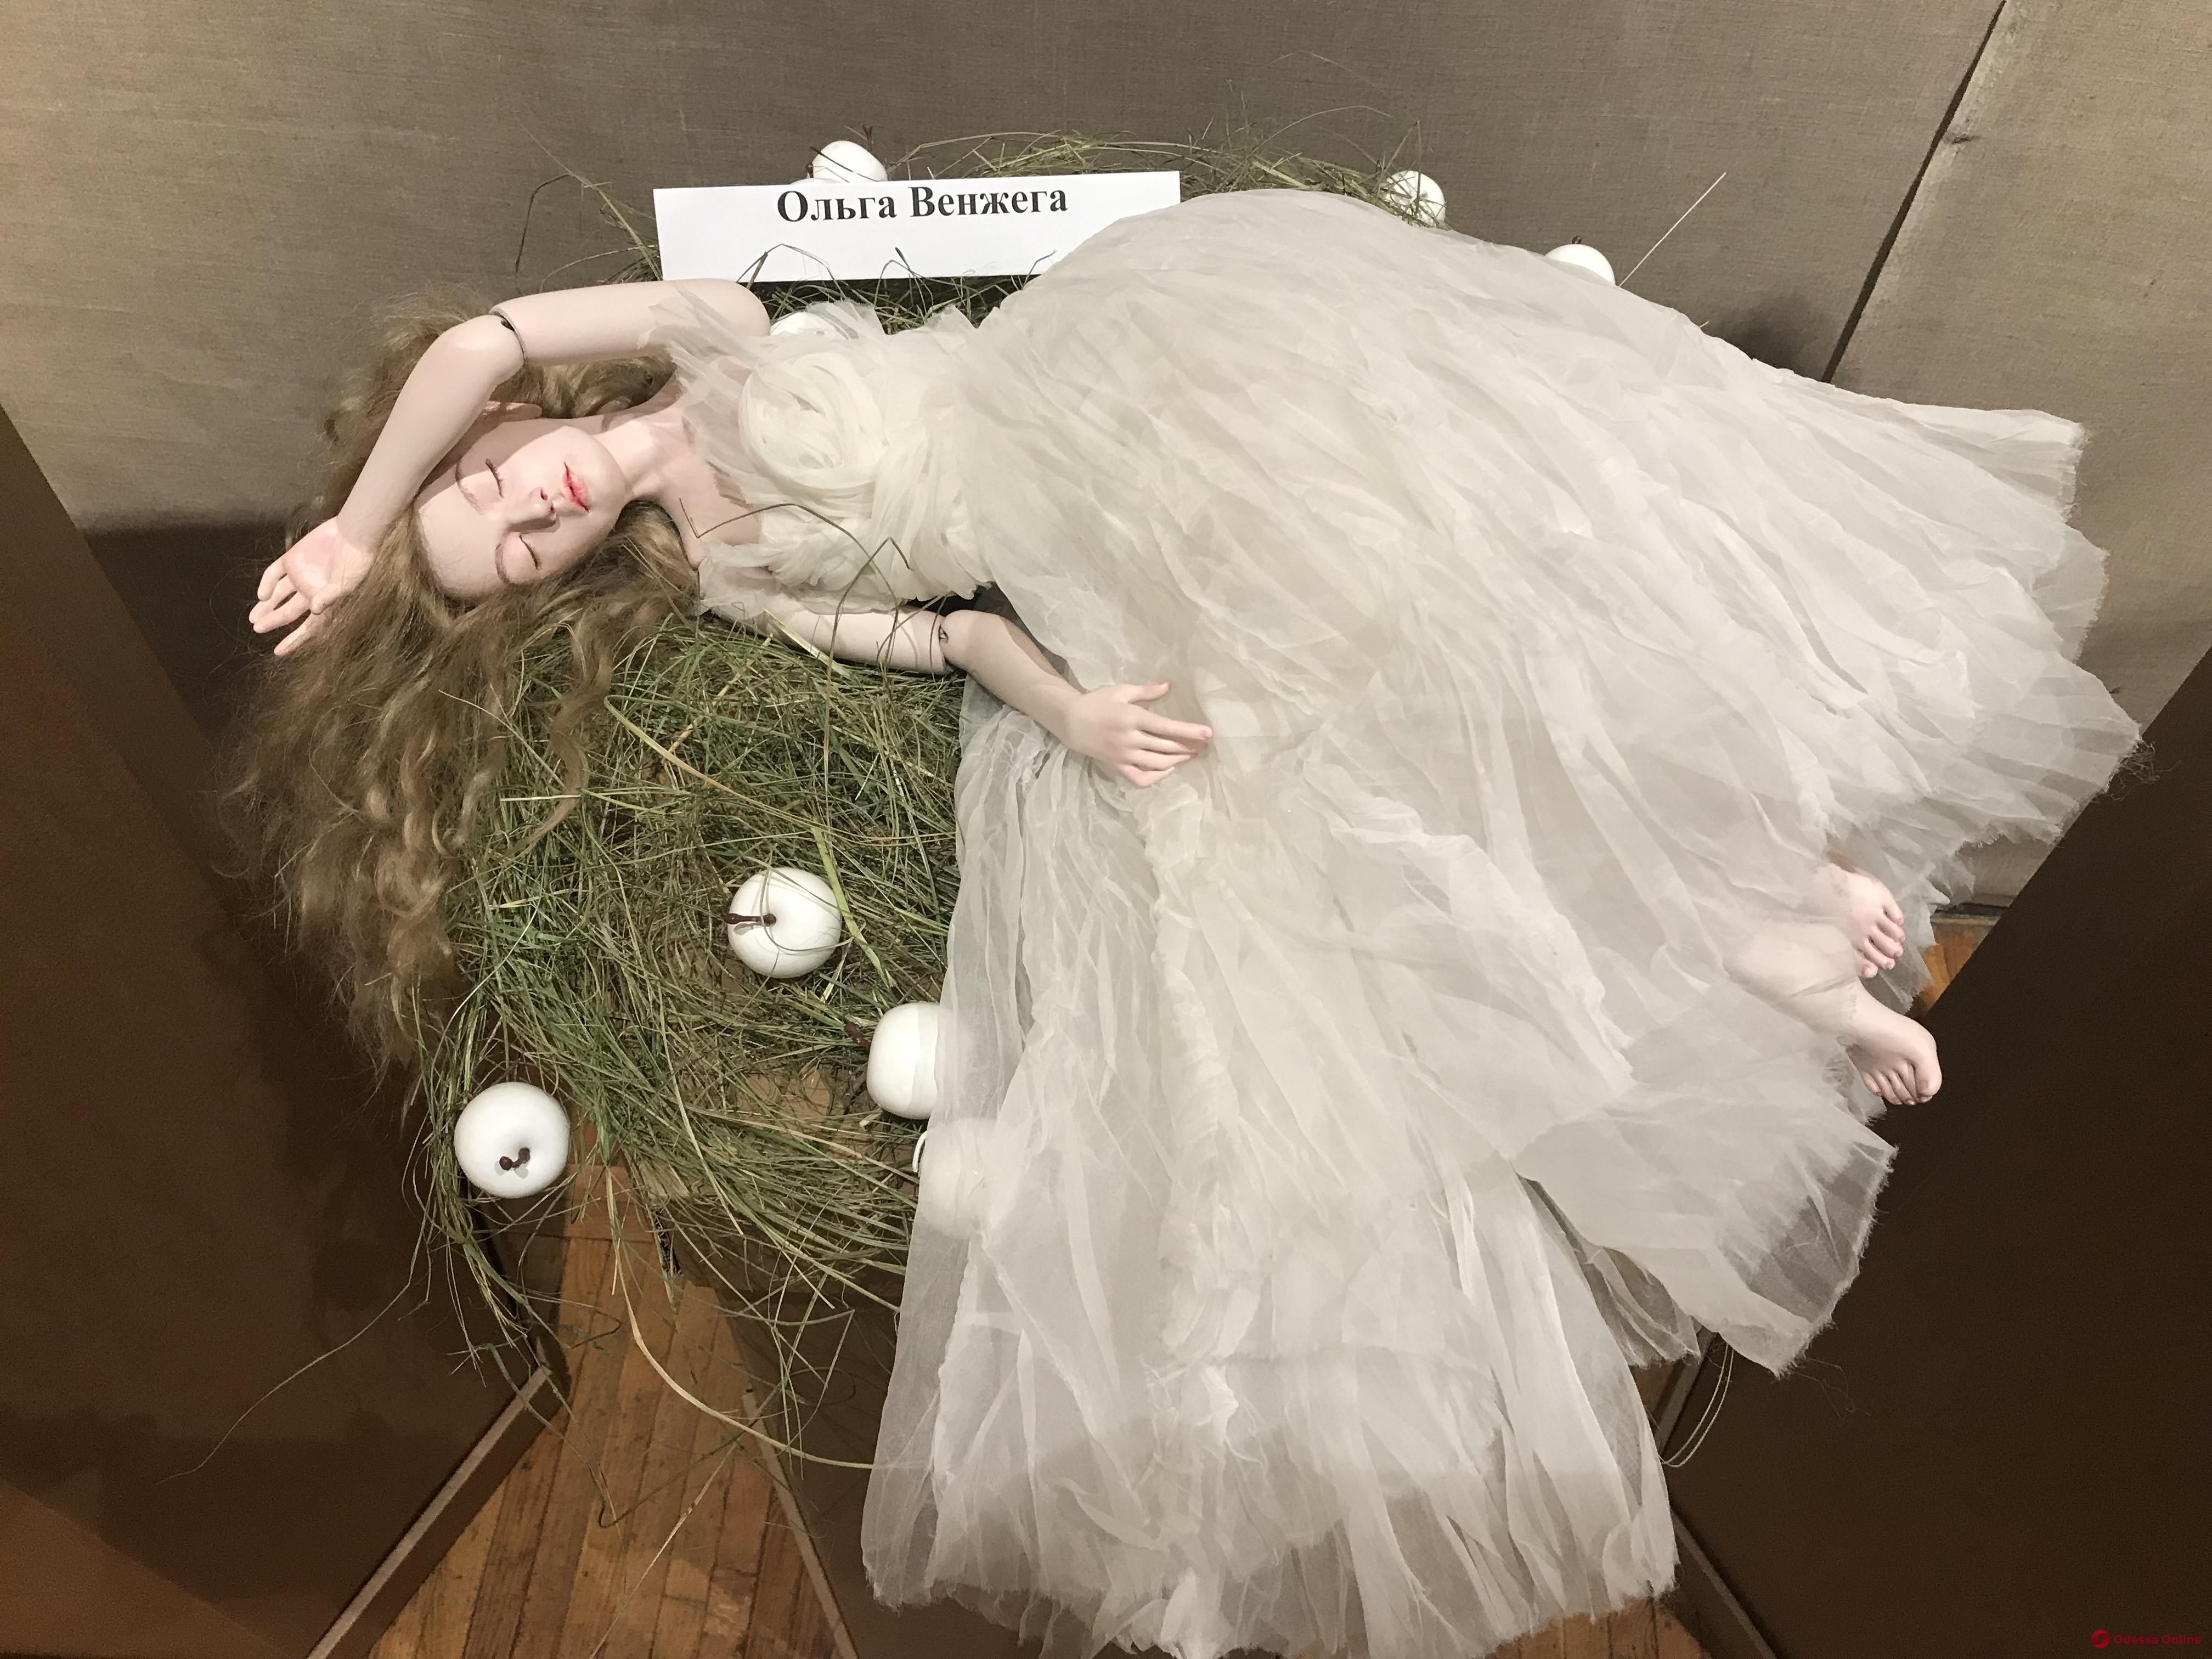 Как живые: в Одессе открылась выставка уникальных кукол (фоторепортаж)